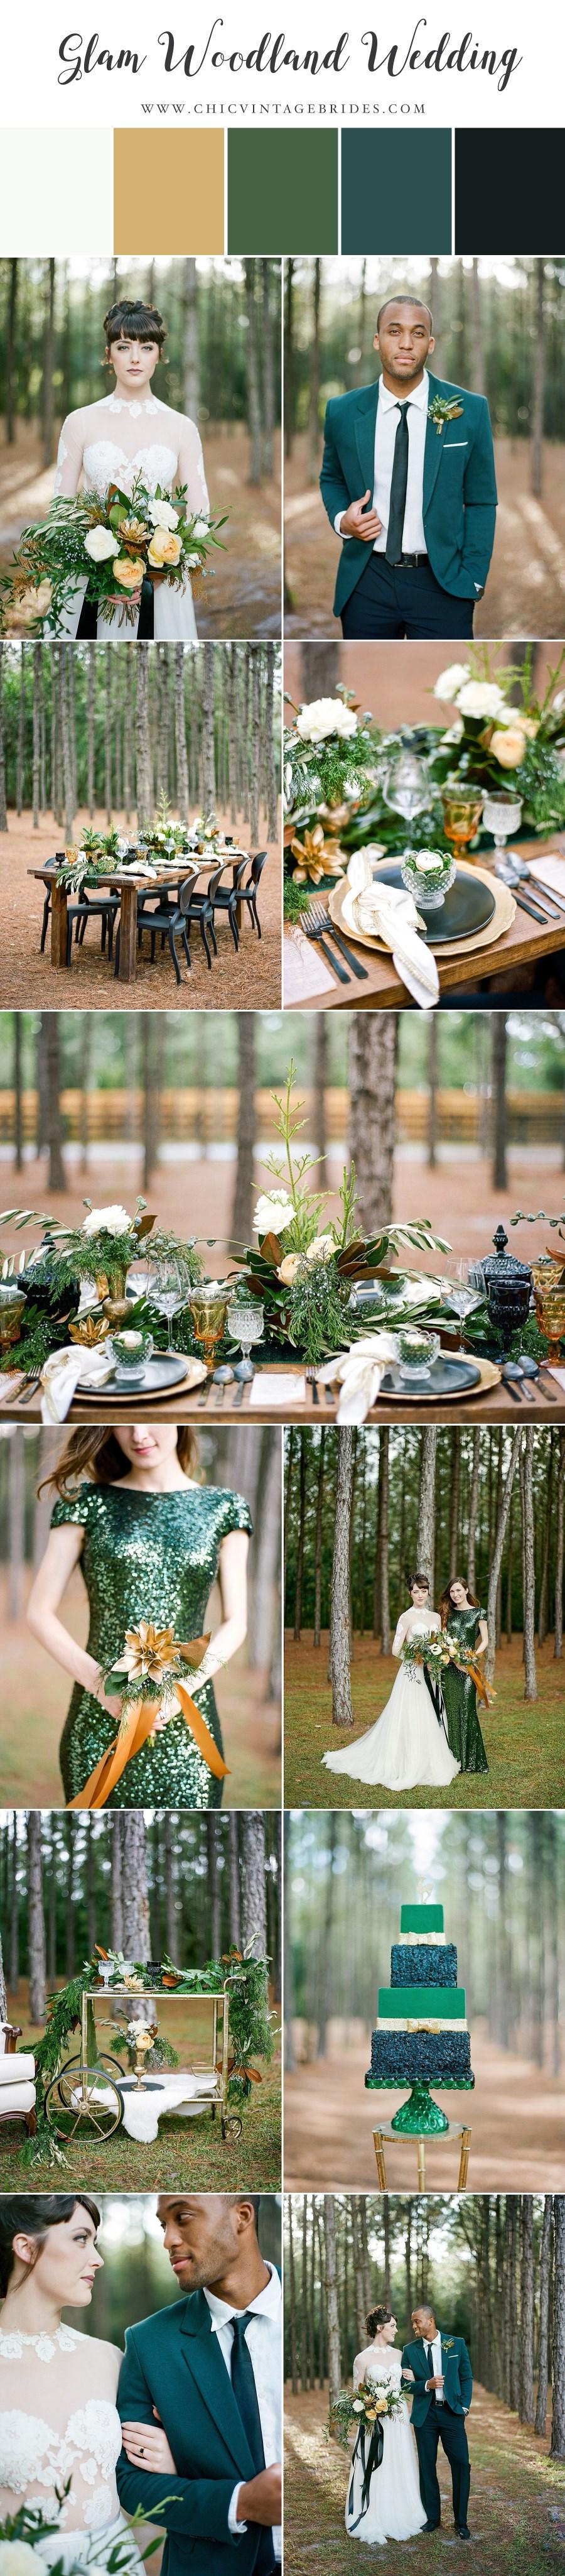 Glam Green & Gold Woodland Wedding